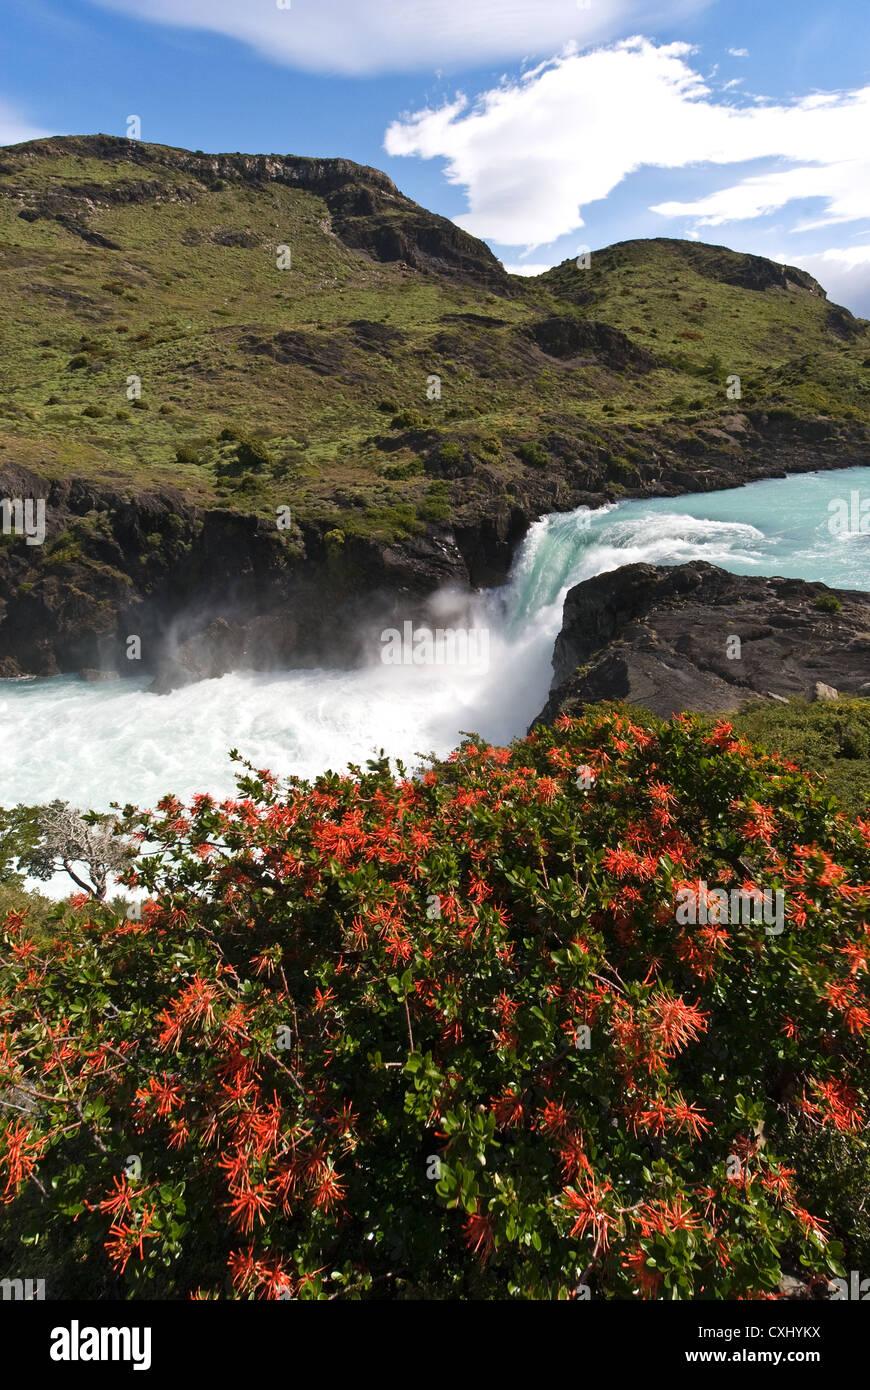 Elk198-4451v Cile, Parco Nazionale Torres del Paine, Salto Grande Cascata Immagini Stock